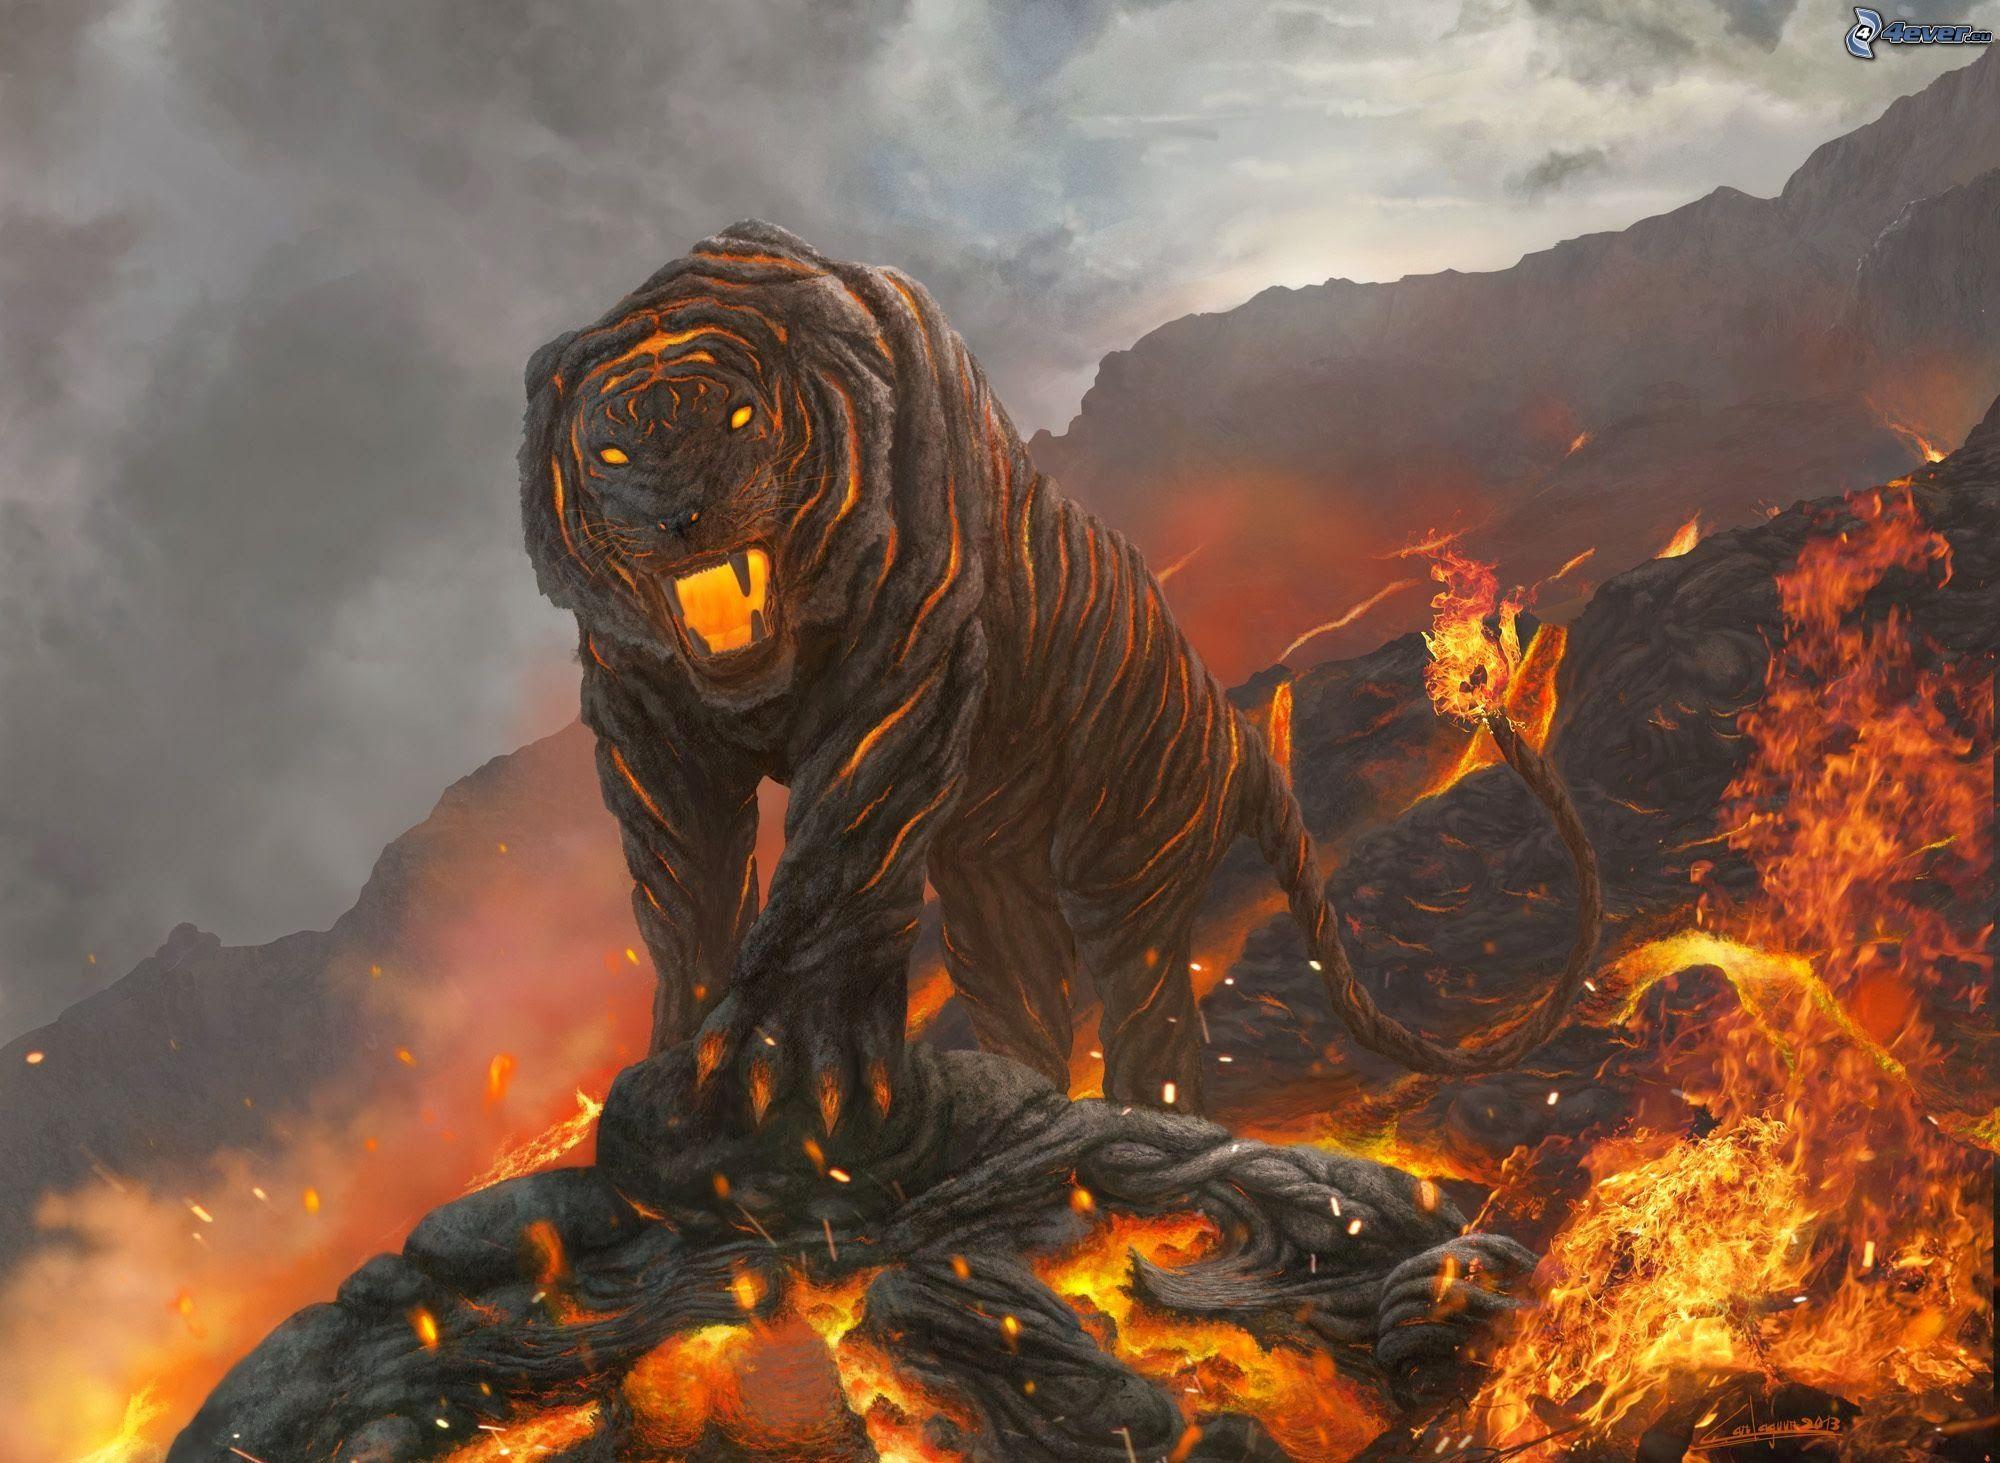 Tiger Feuer Lava 2000 X 1463 Px Zeichentrickdigital Art